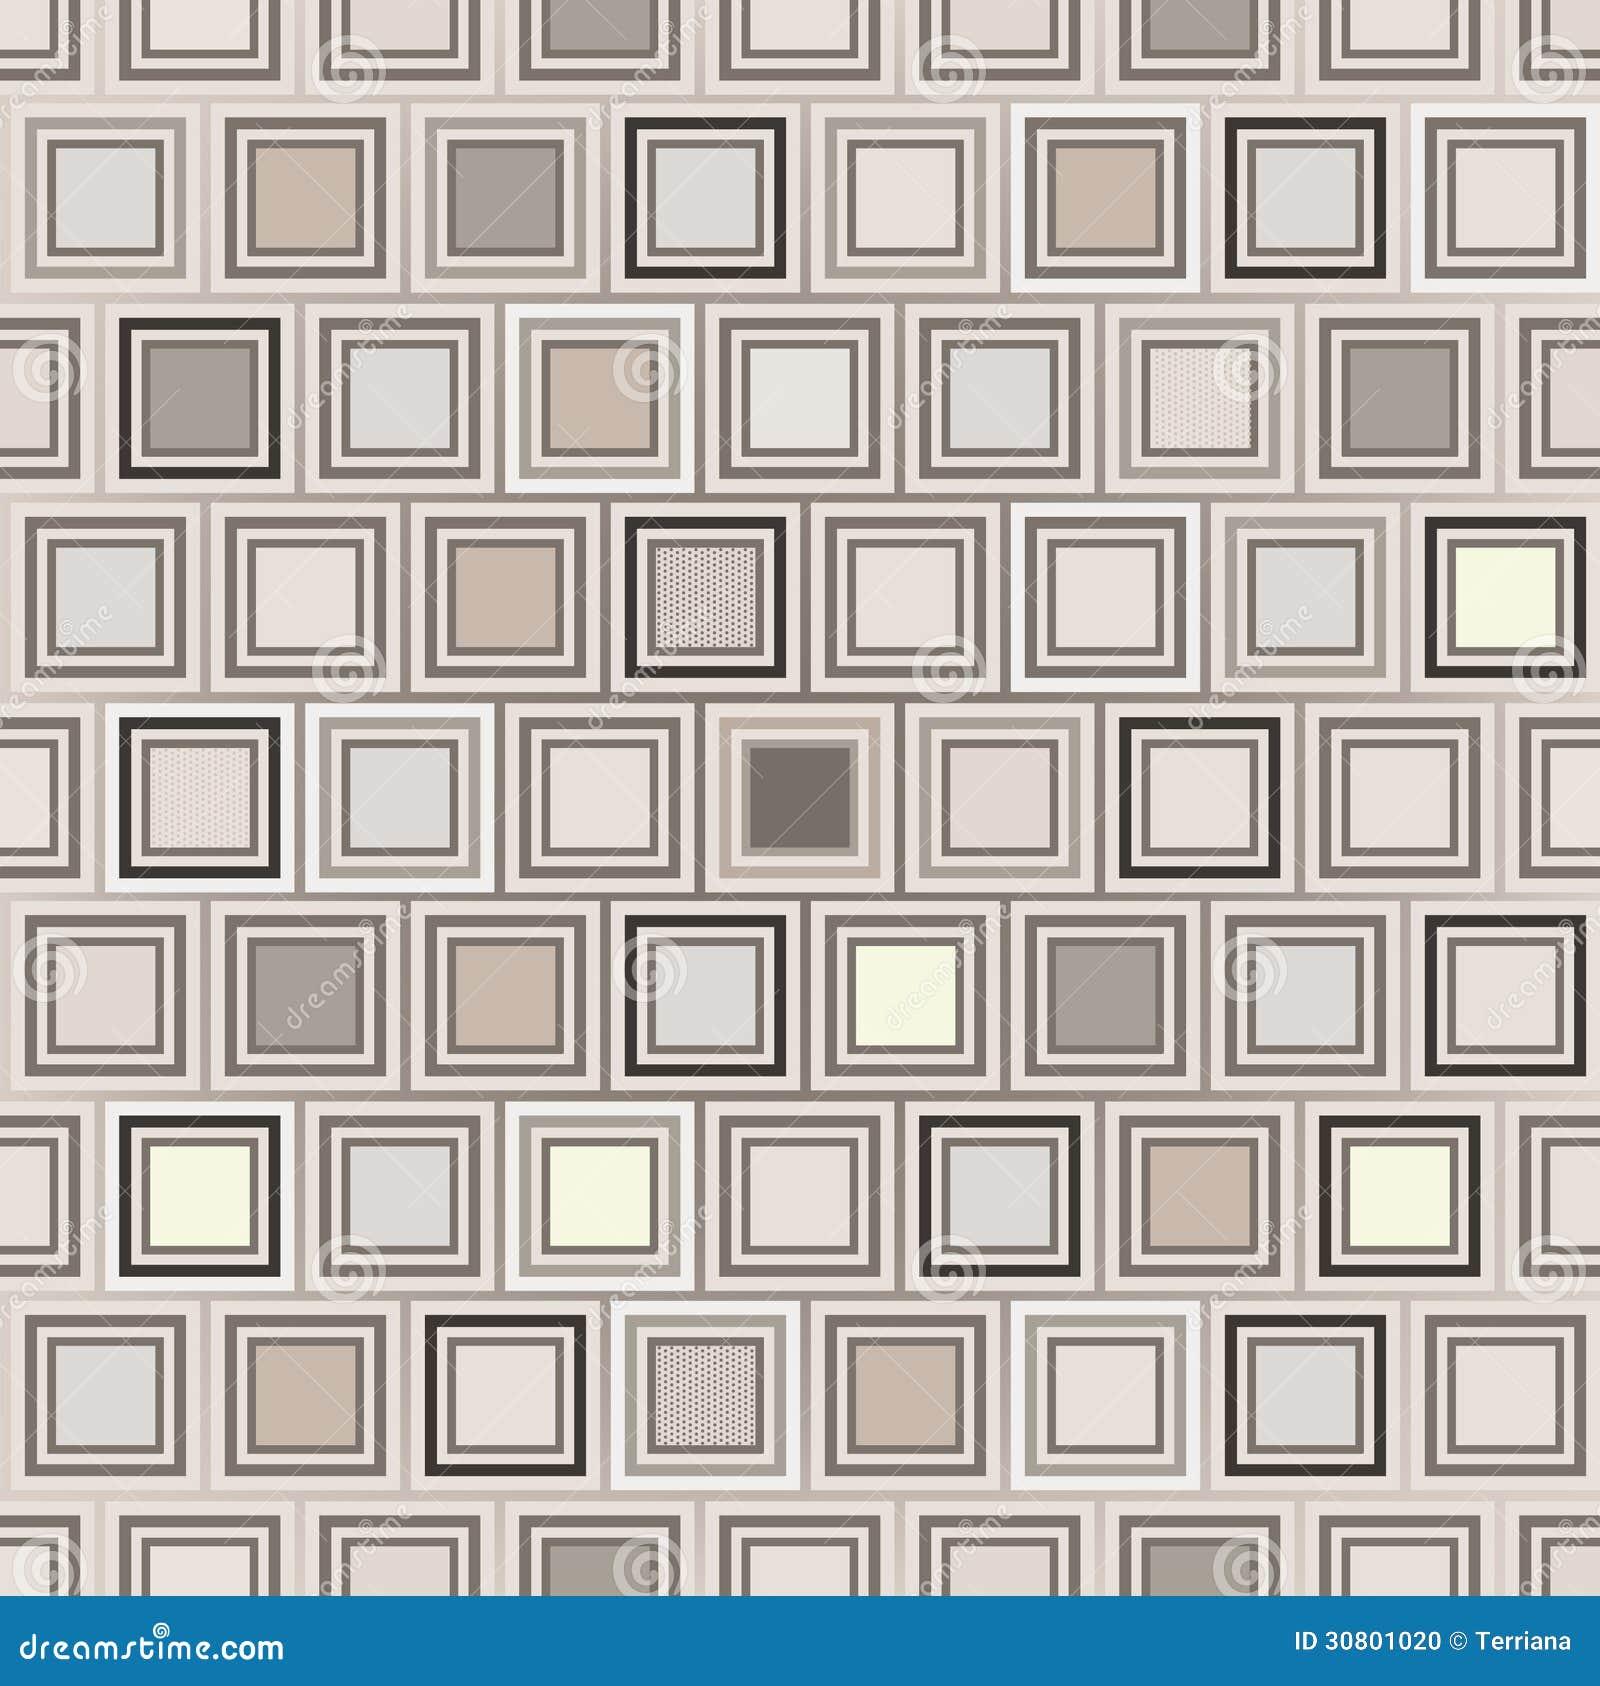 Papel pintado geom trico incons til texturizado blanco for Papel pintado texturizado